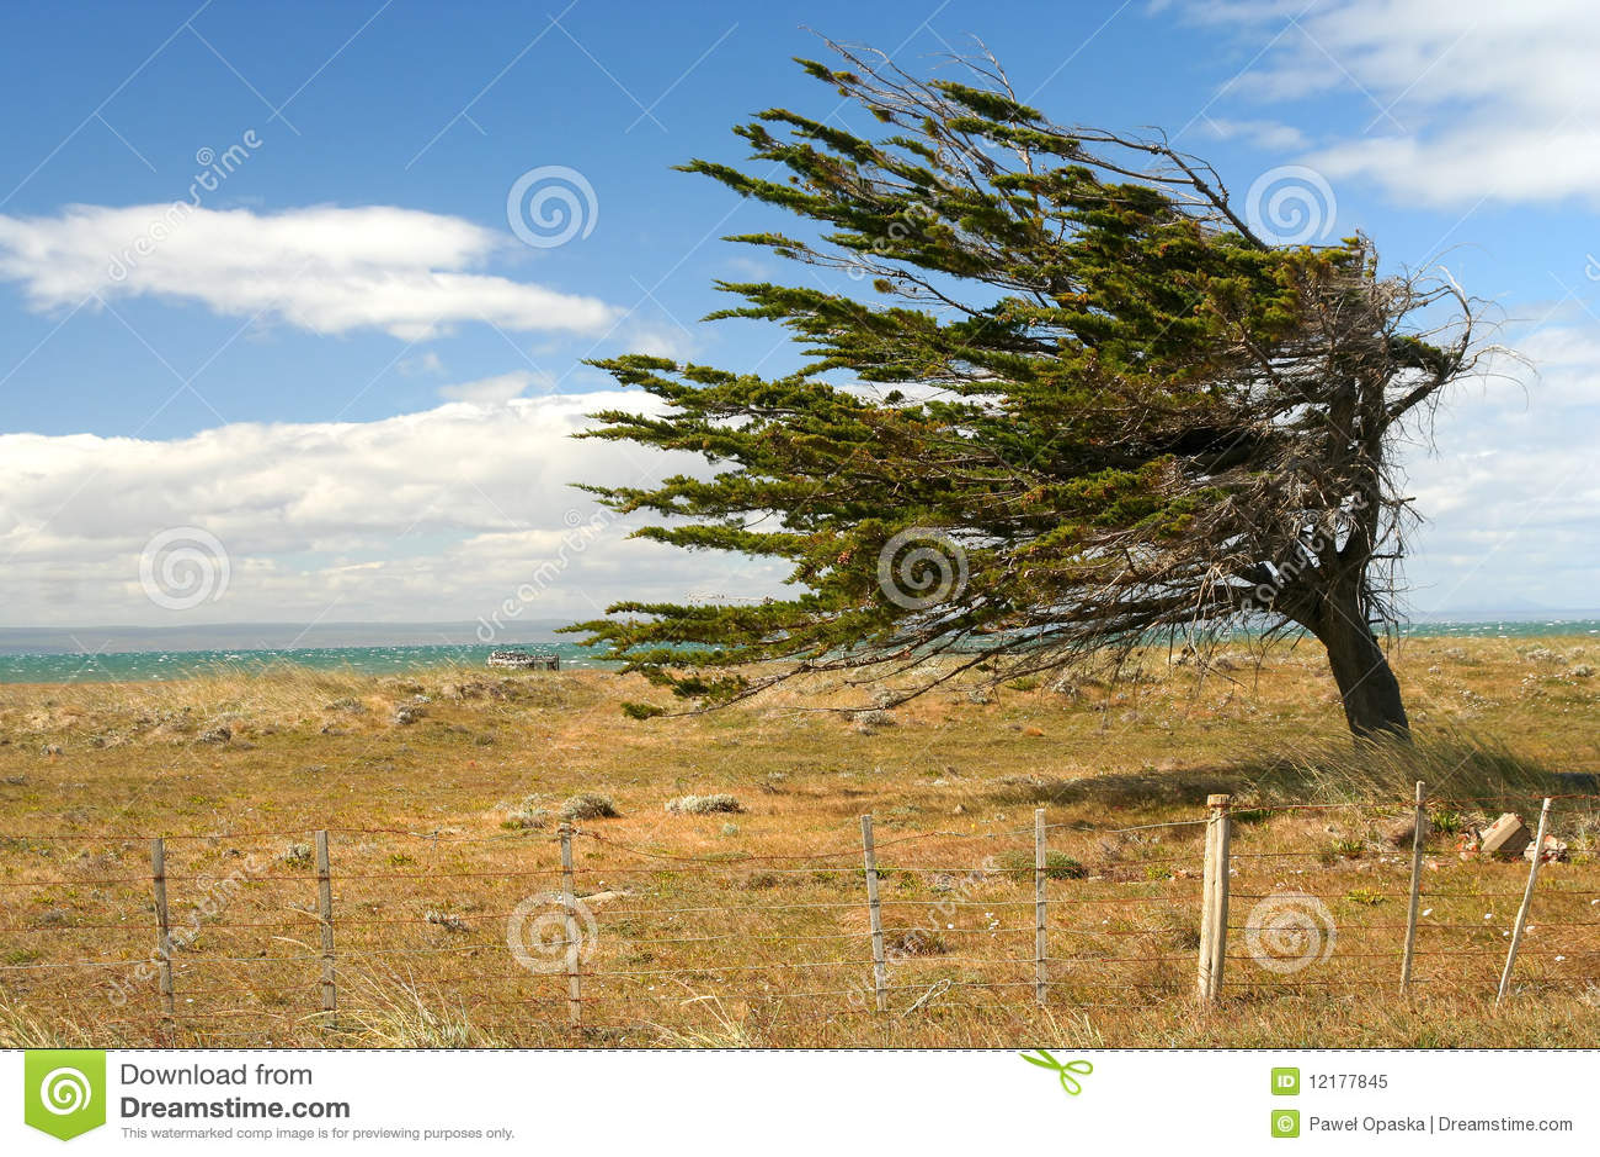 videos de viento en contra: